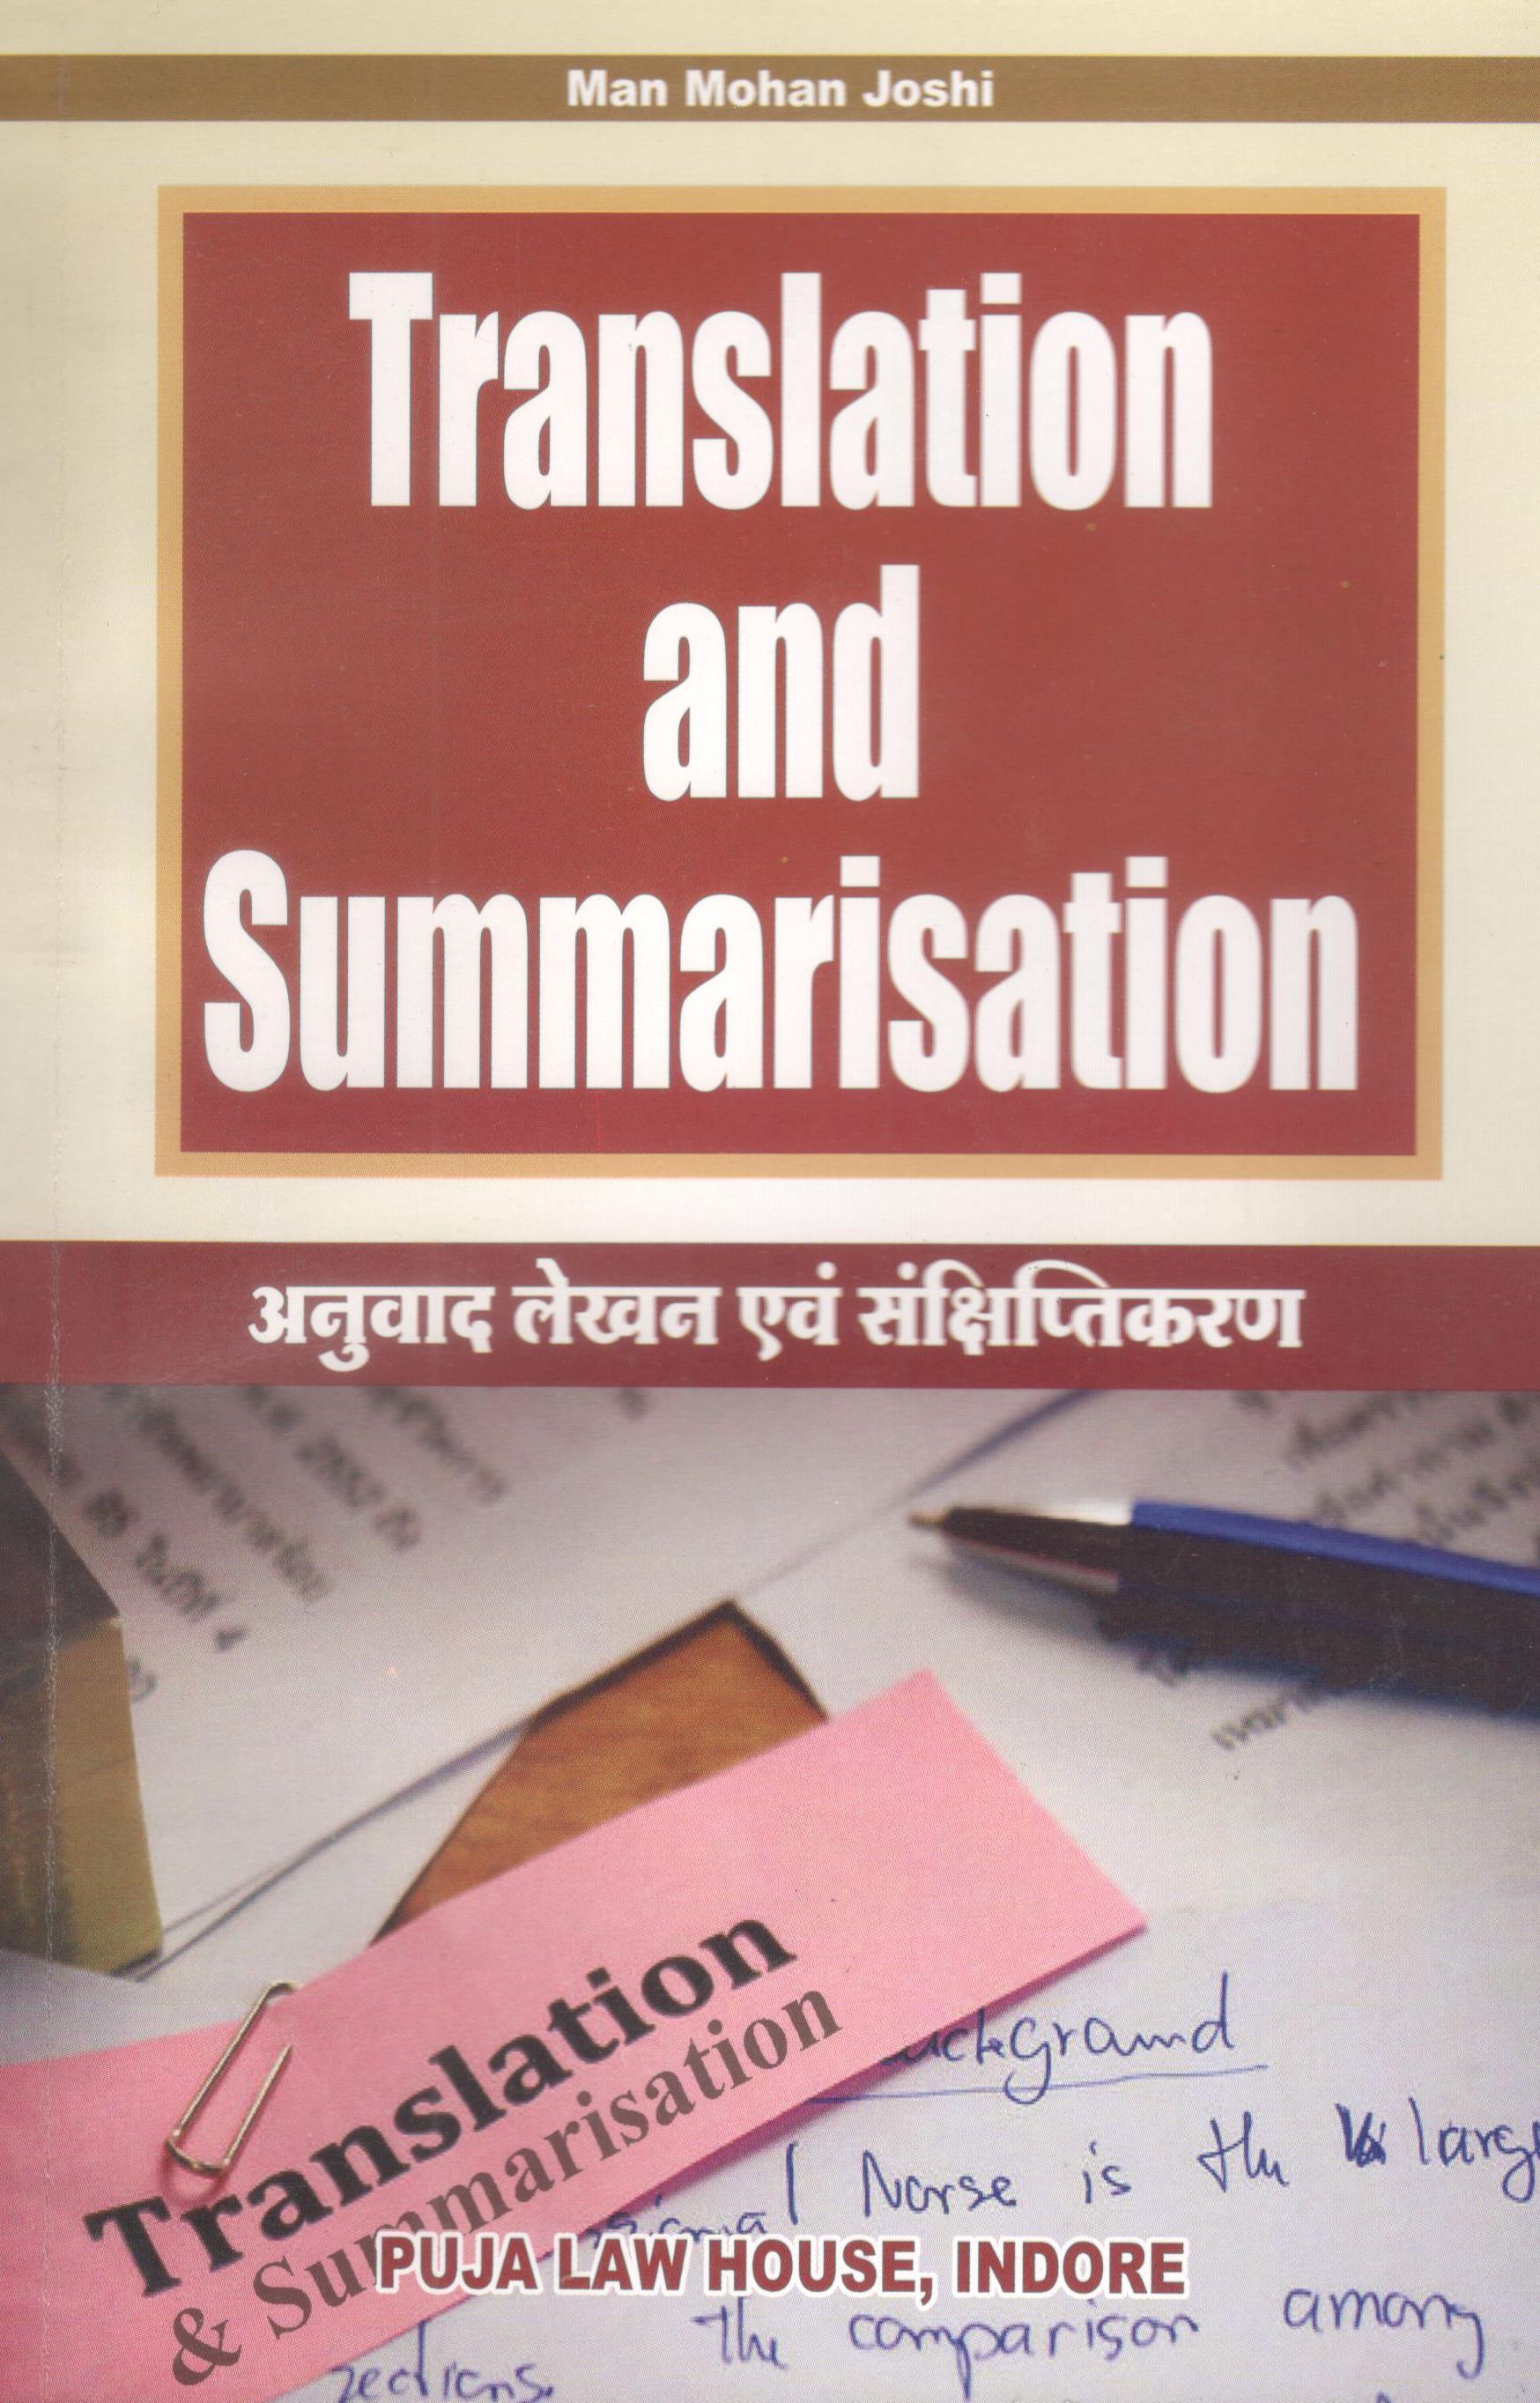 मनमोहन जोशी – अनुवाद लेखन एवं संक्षिप्तिकरण (हिन्दी से अंग्रेजी एवं अंग्रेजी को हिंदी) / Translation Summarisation (Hindi to English & English to Hindi)